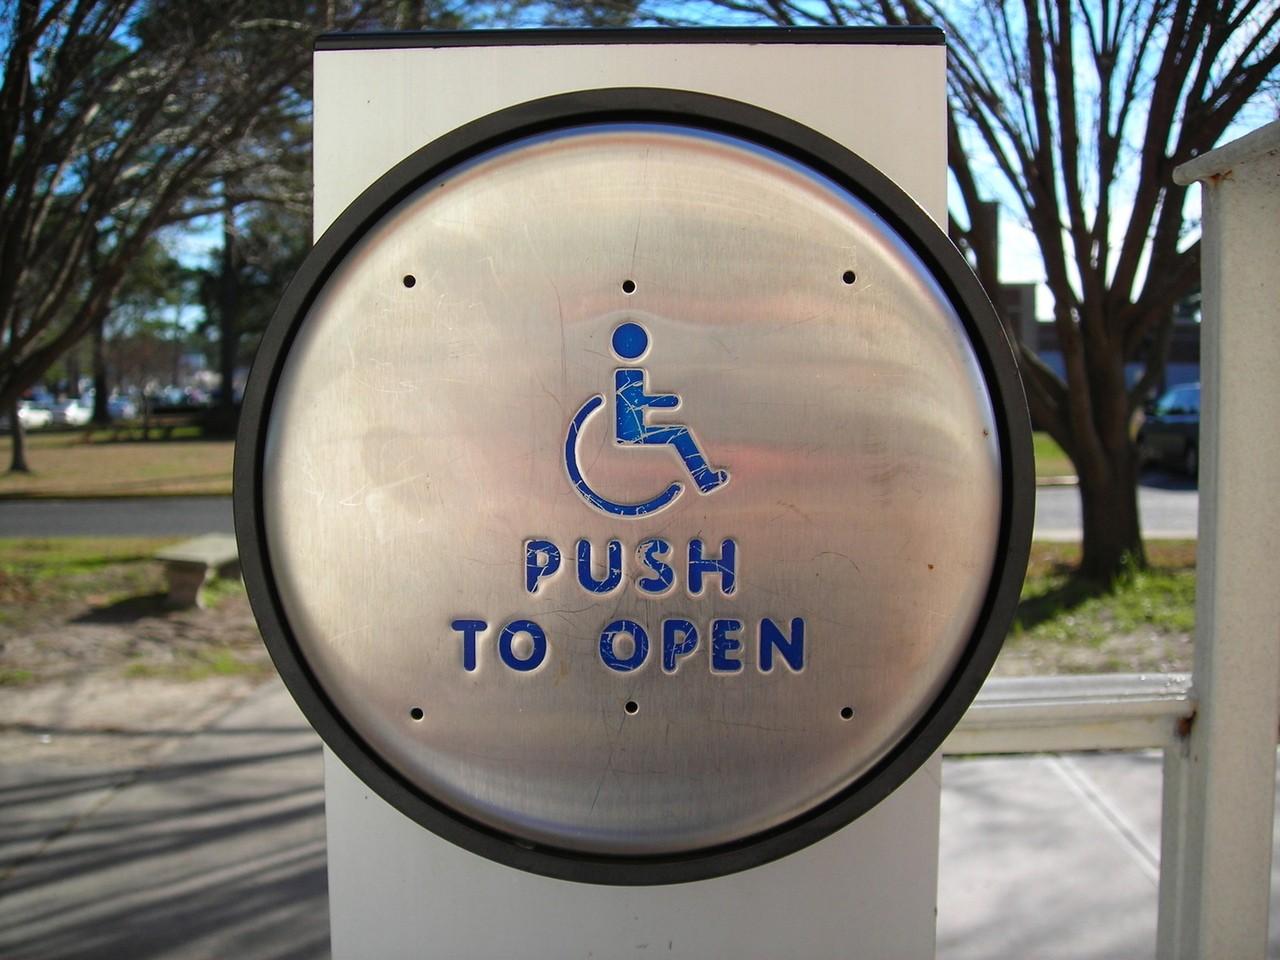 Technologia wychodząca naprzeciw problemom osób niepełnosprawnych